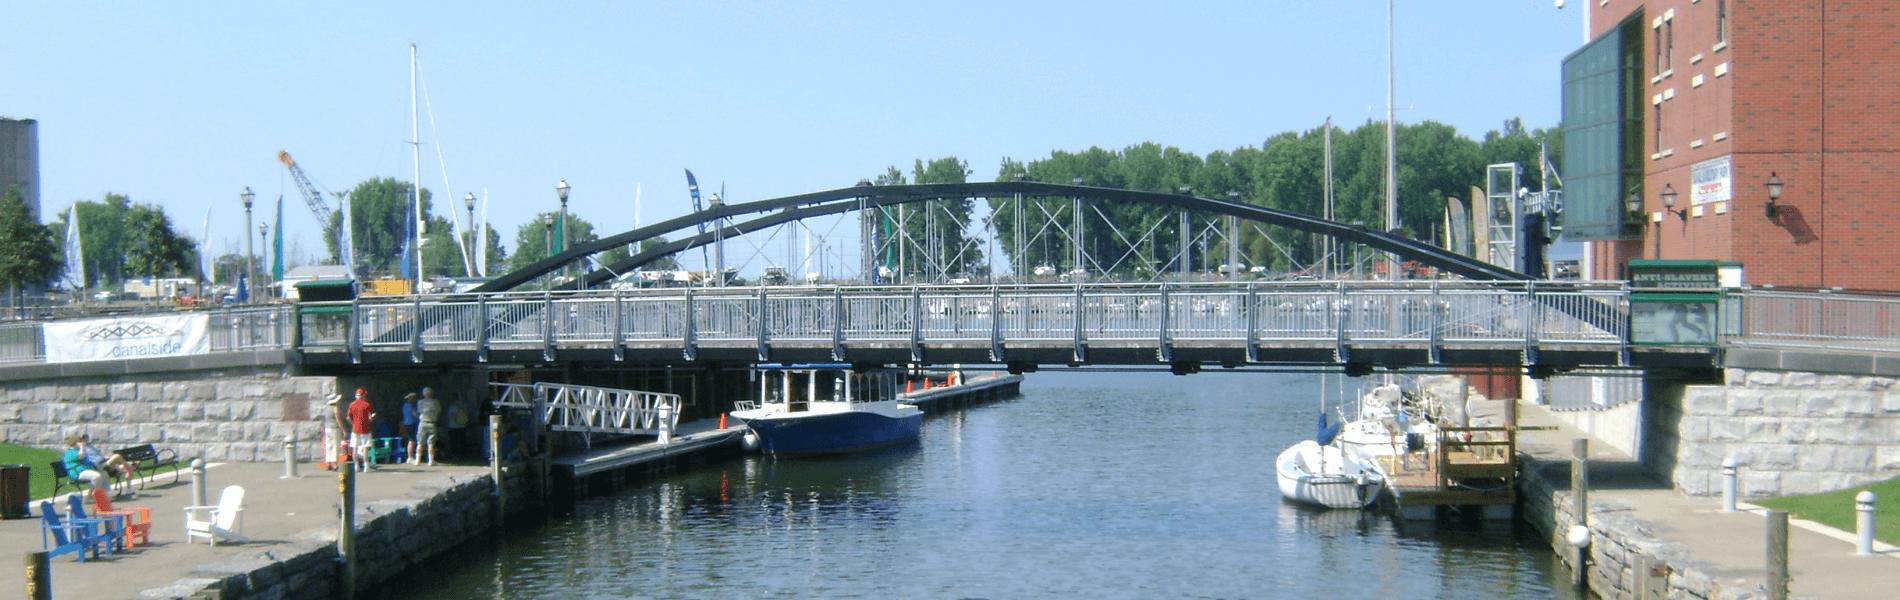 Buffalo Waterfront Tours